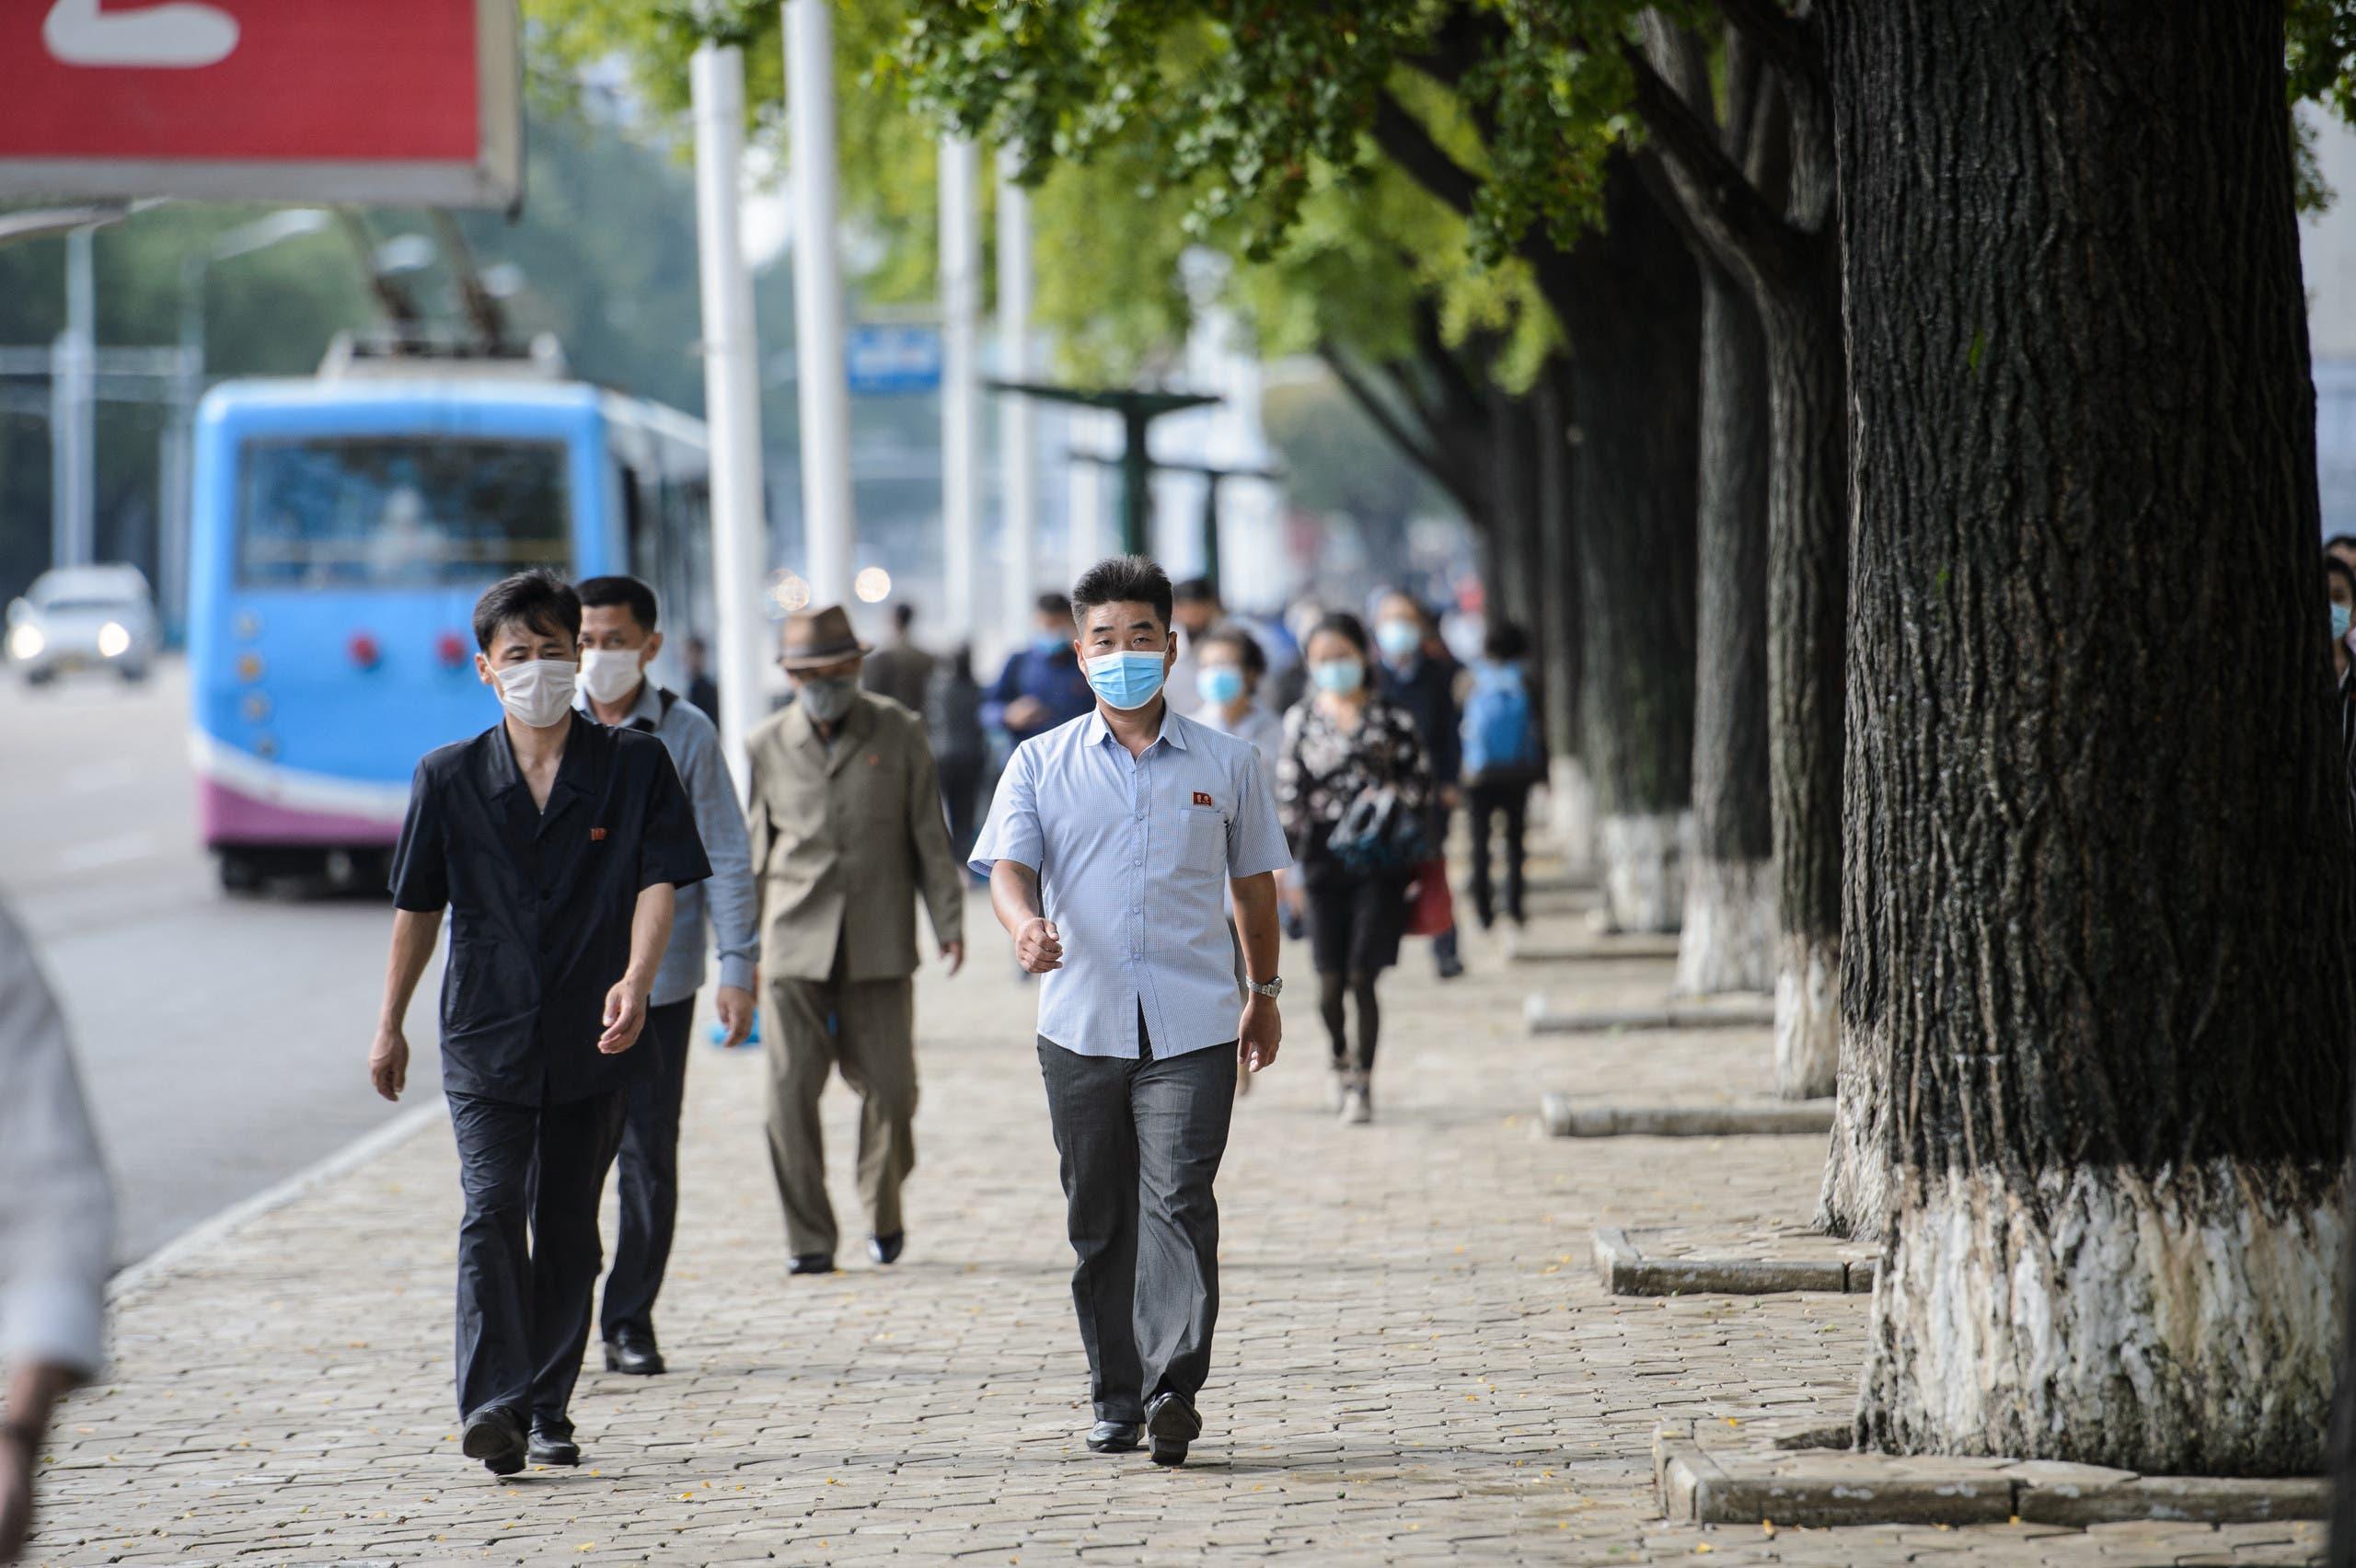 مارة في أحد شوارع بيونغ يونغ في سبتمبر الماضي